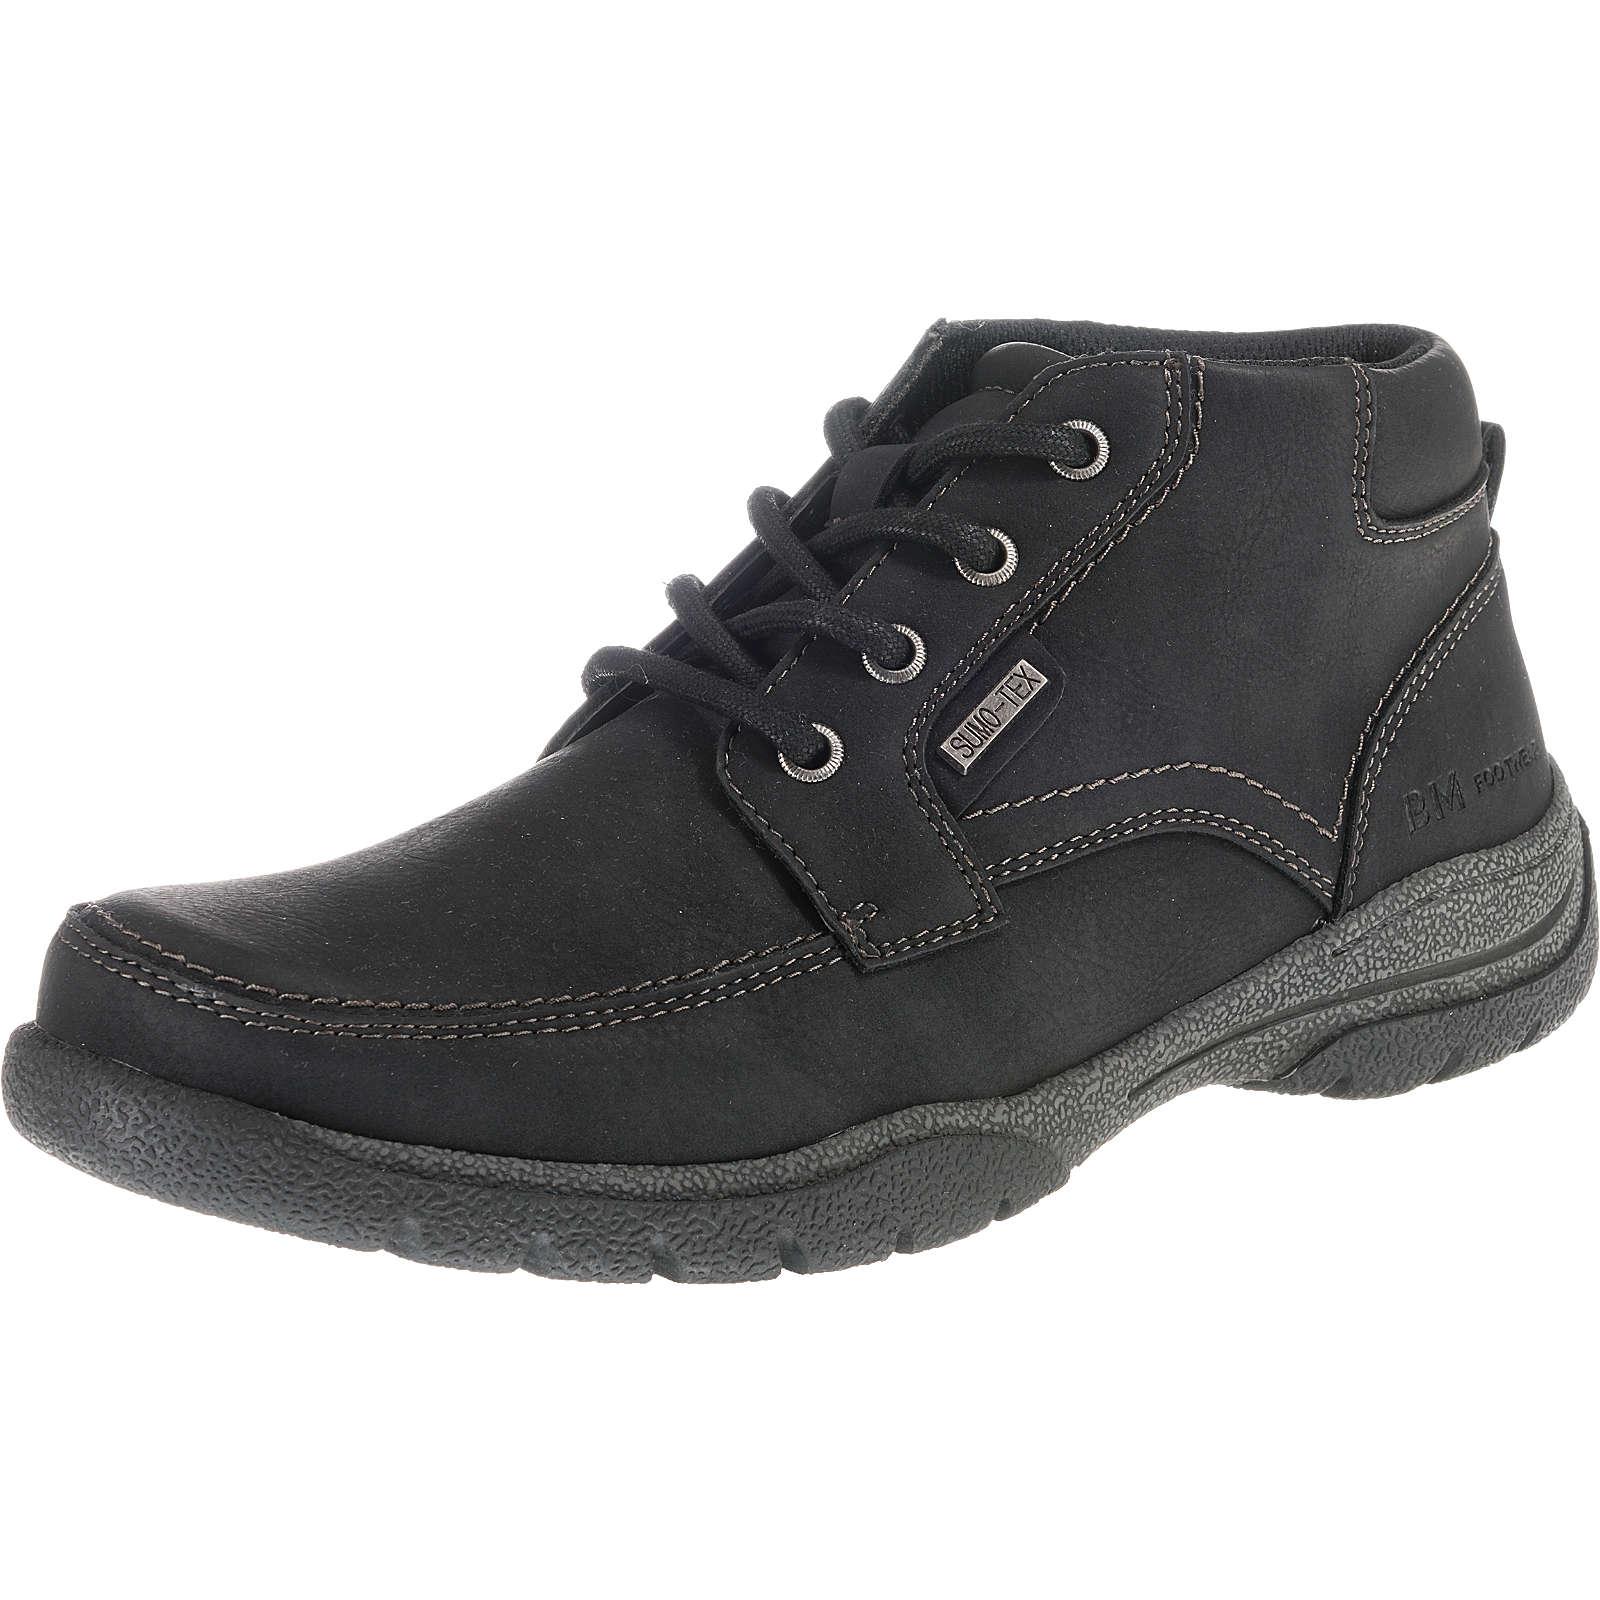 BM Footwear Winterstiefel schwarz Herren Gr. 42